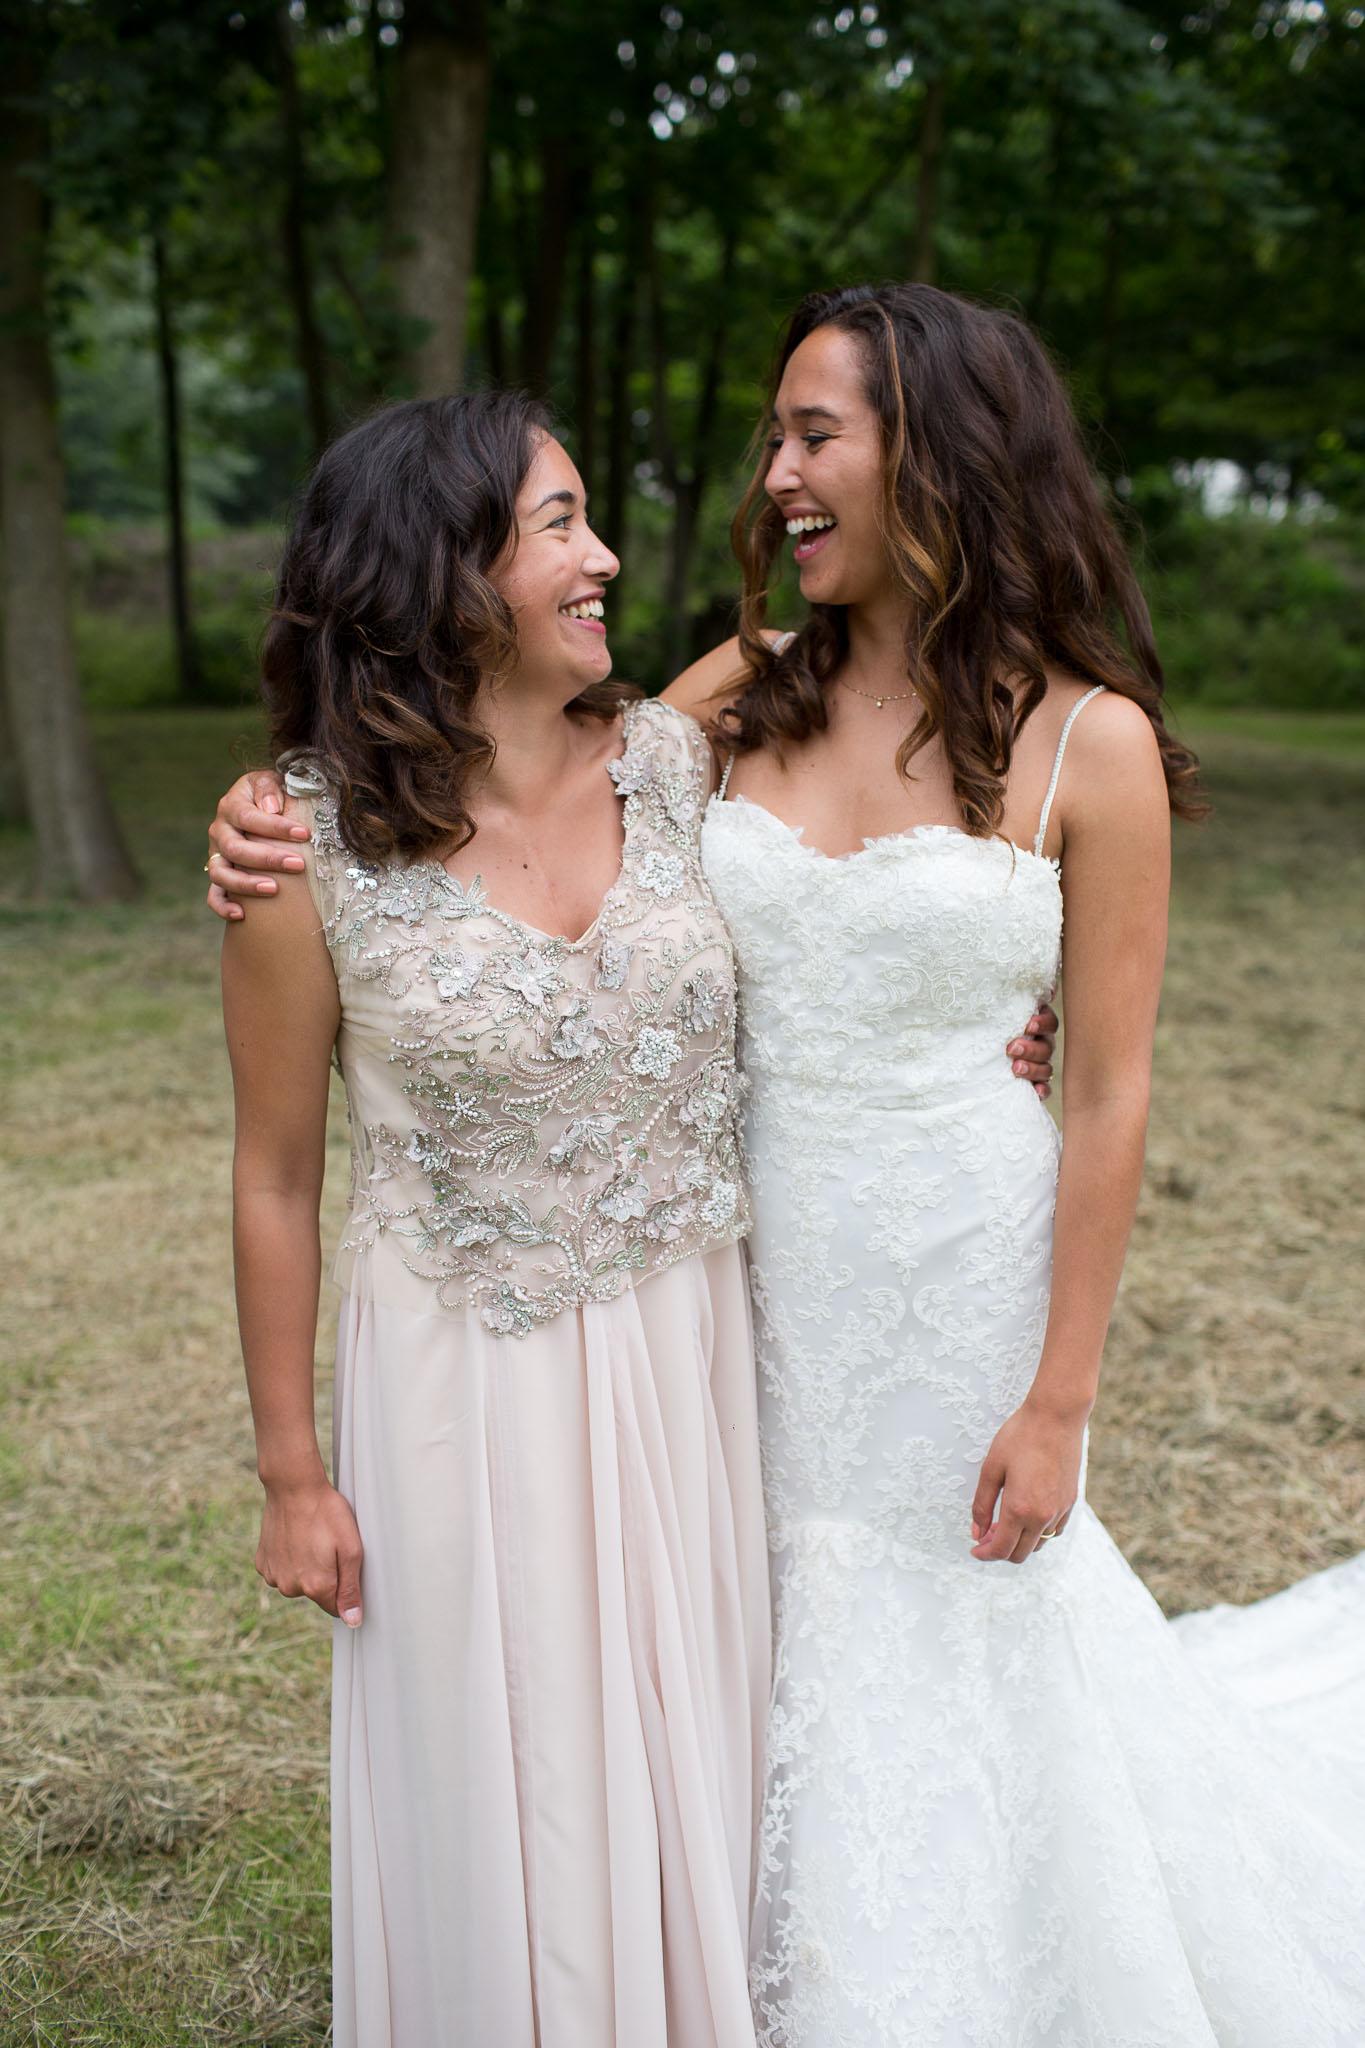 freebirdstories-com_wedding_christiaannina_lowres_685